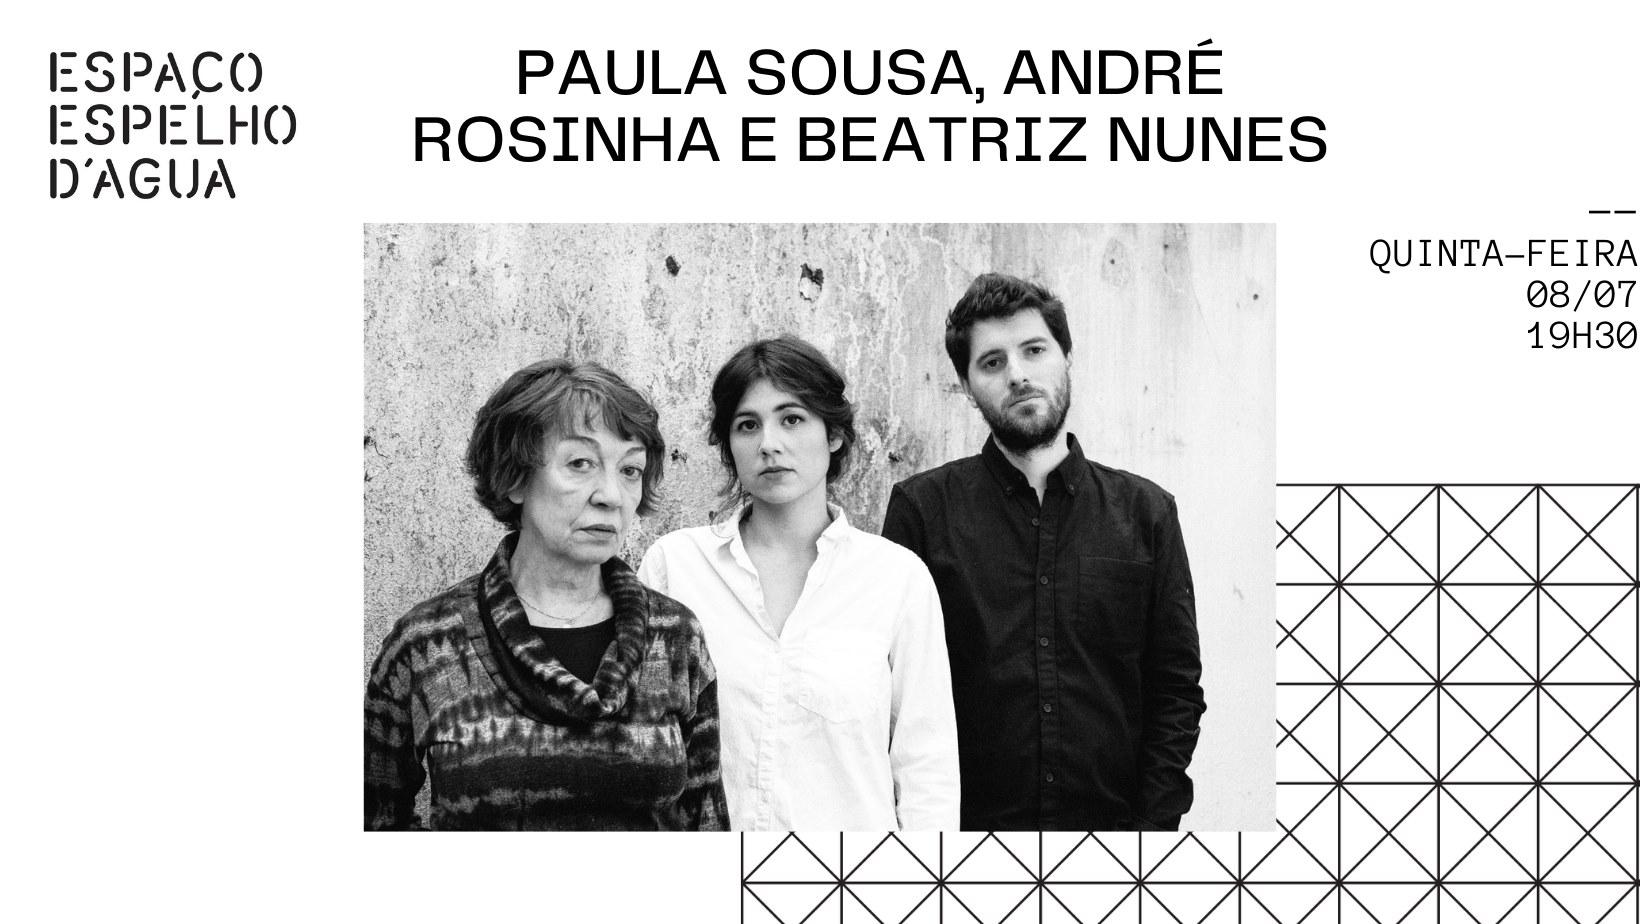 Paula Sousa, André Rosinha e Beatriz Nunes no Espaço Espelho D'Água